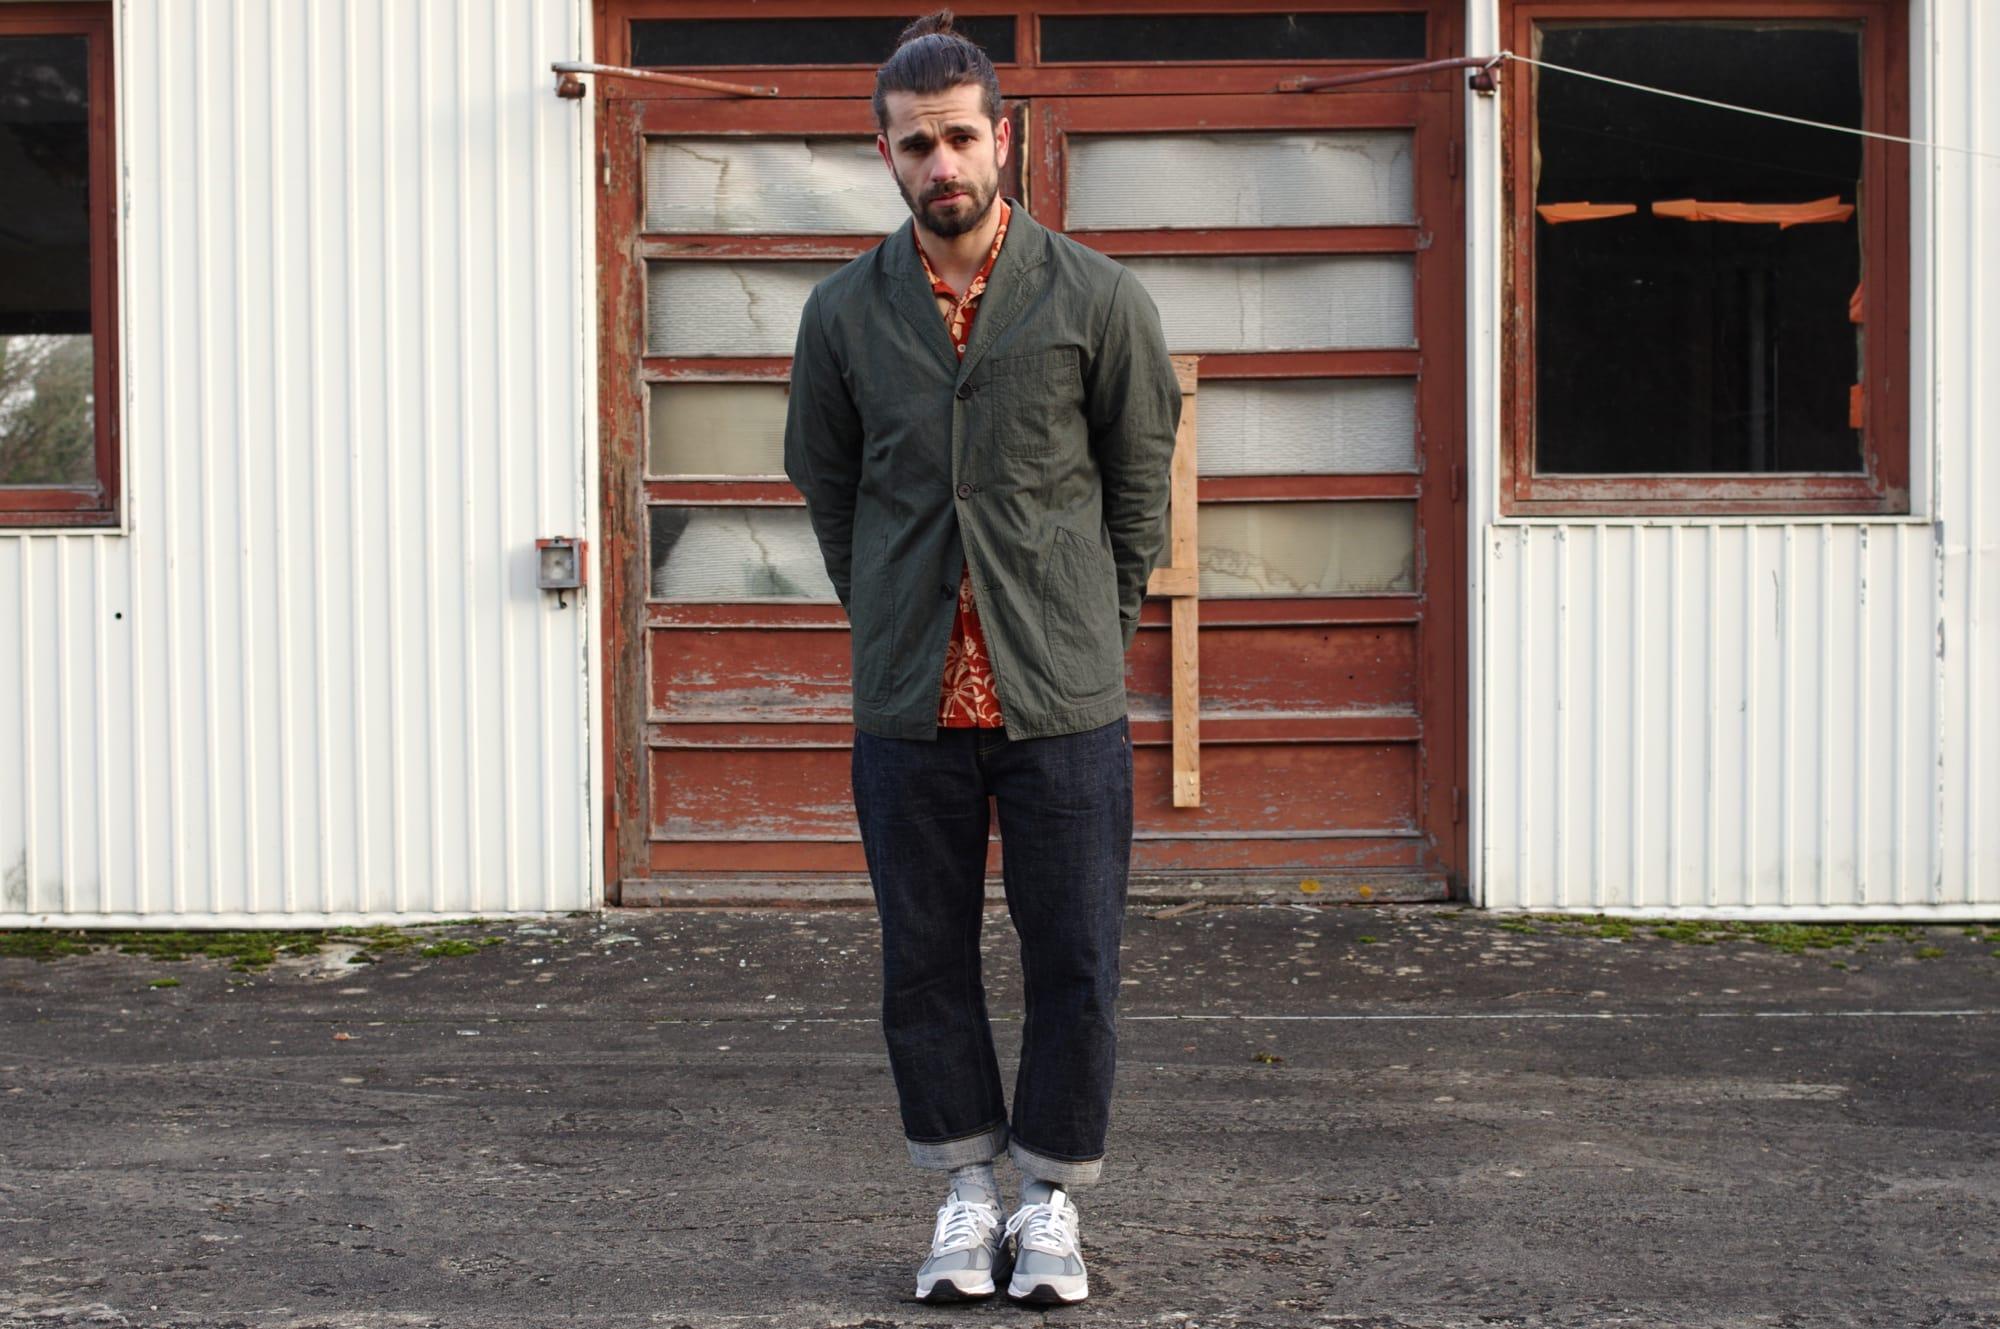 tenue style street heritage workwear avec le stac blazer Kestin Hare, une chemise à fleurs 45rpm, un jean Phi Denim 16oz et des sneakers new balance 990 V4 grise